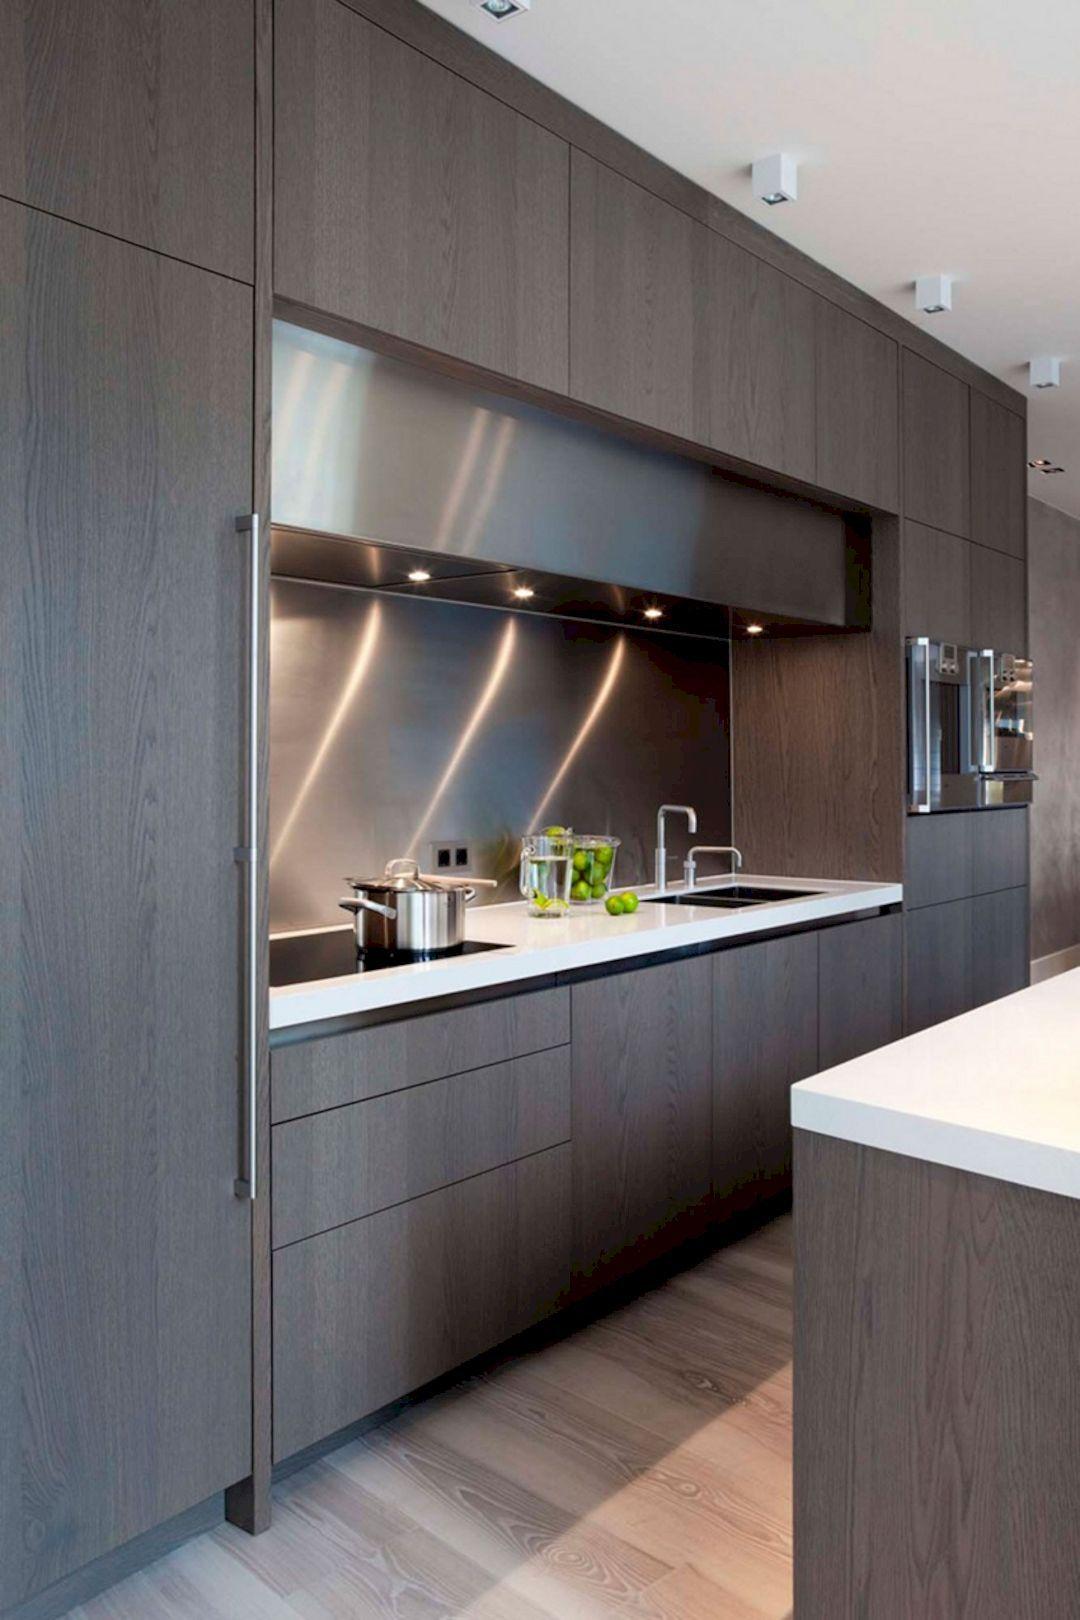 Stylish modern kitchen cabinet 127 design ideas modern for Contemporary kitchen cabinet designs